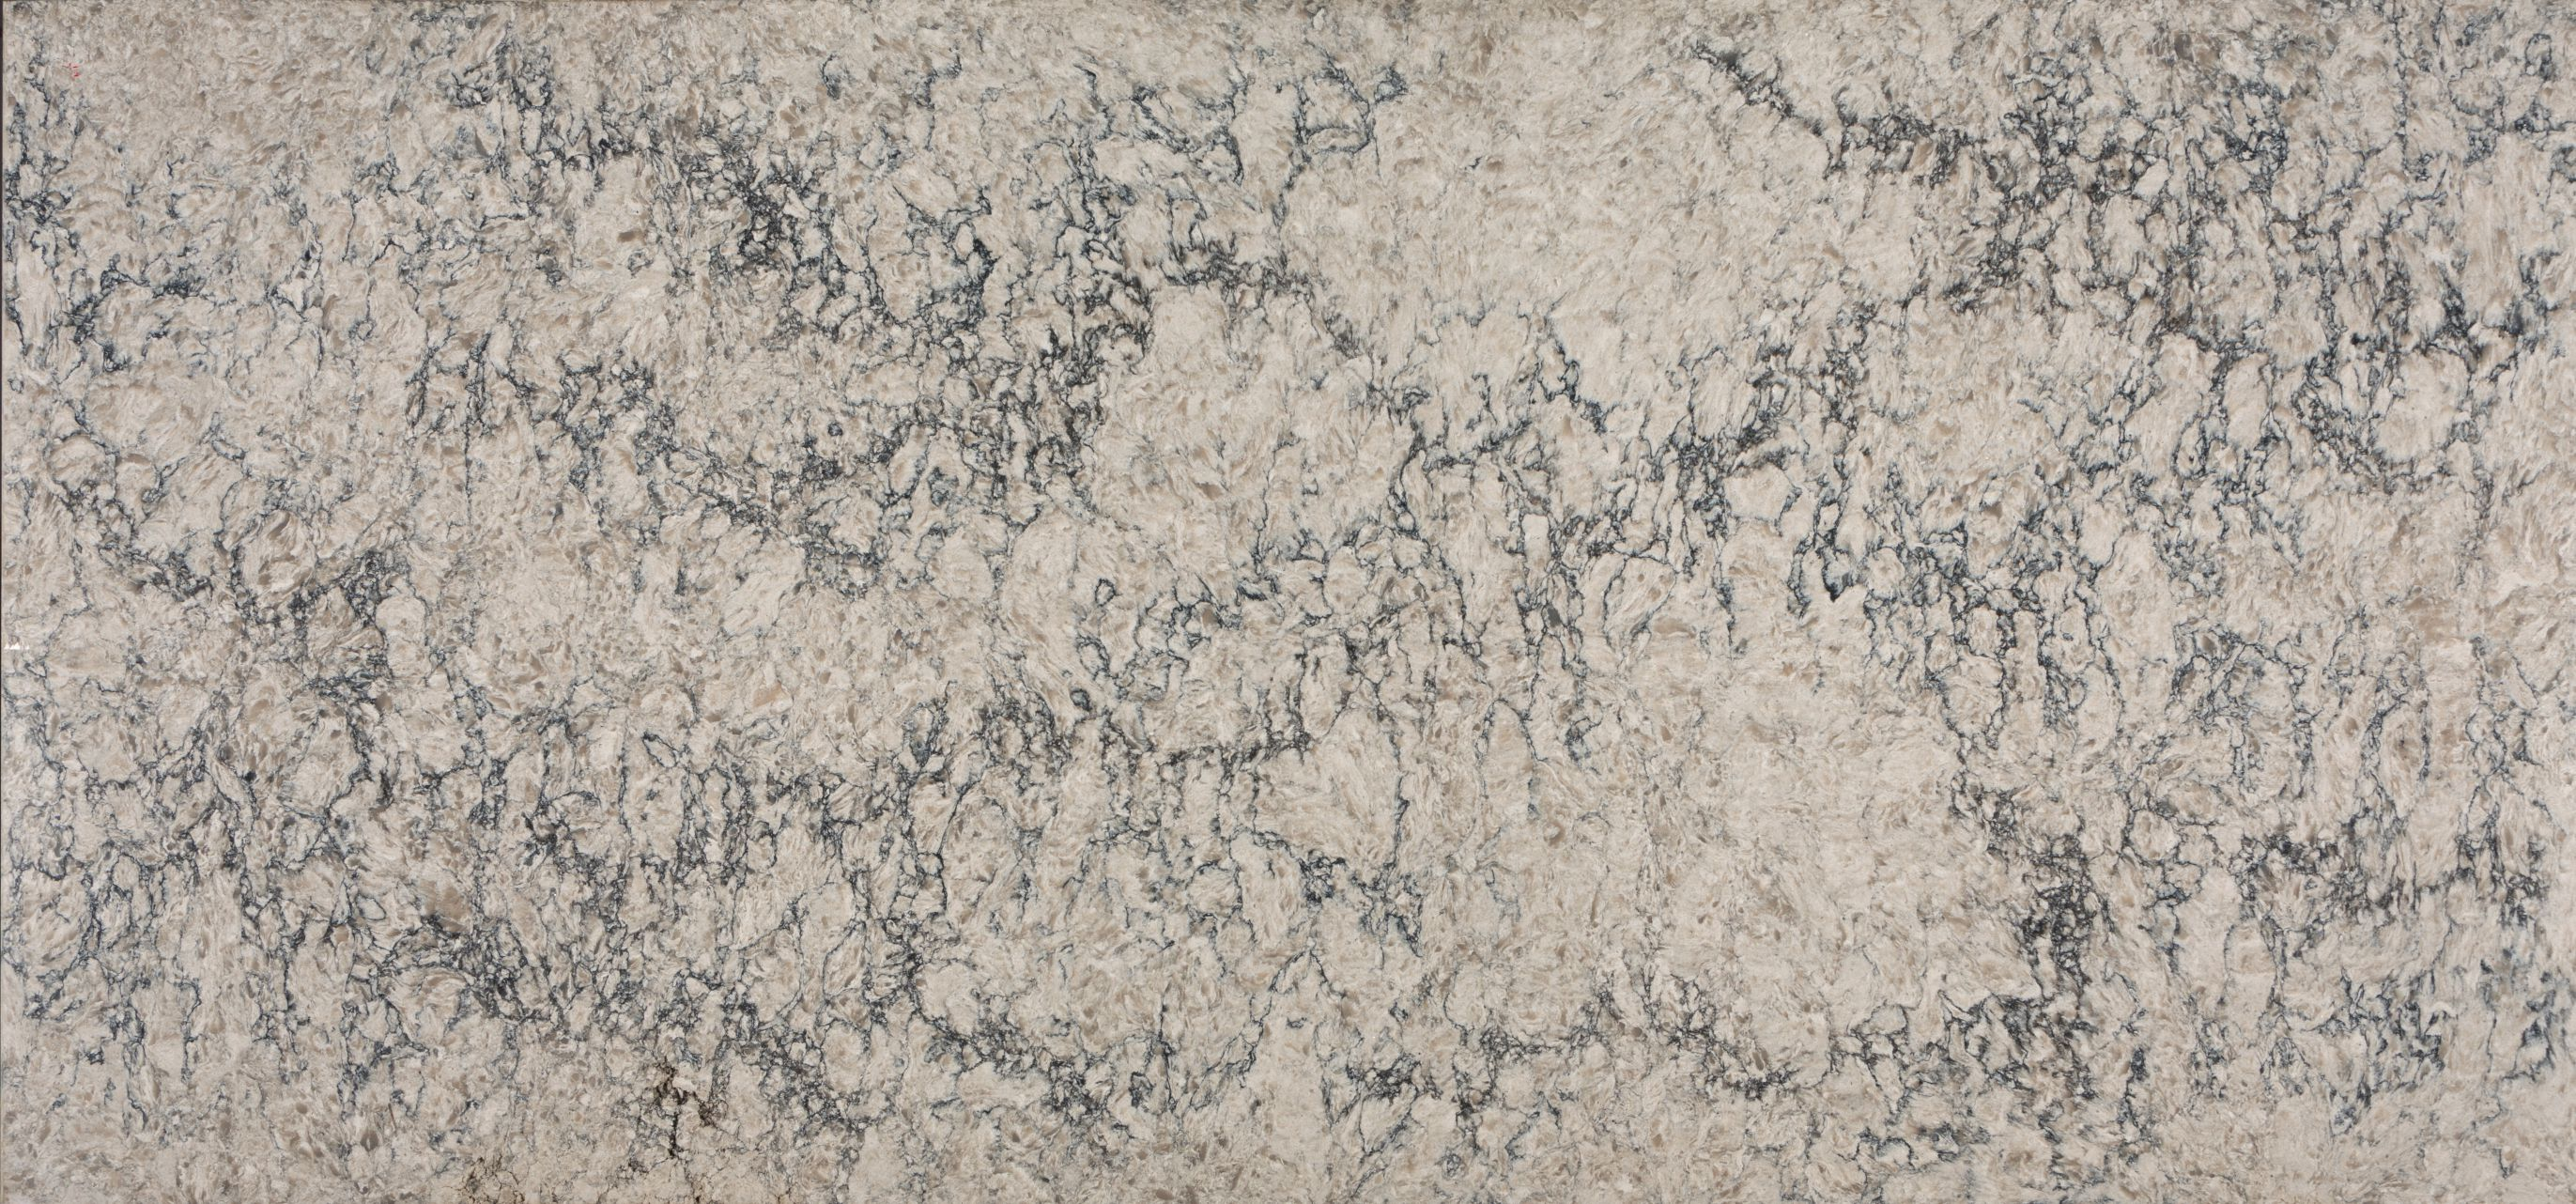 שיש אבן קיסר דגם 6611 תמונה ראשית